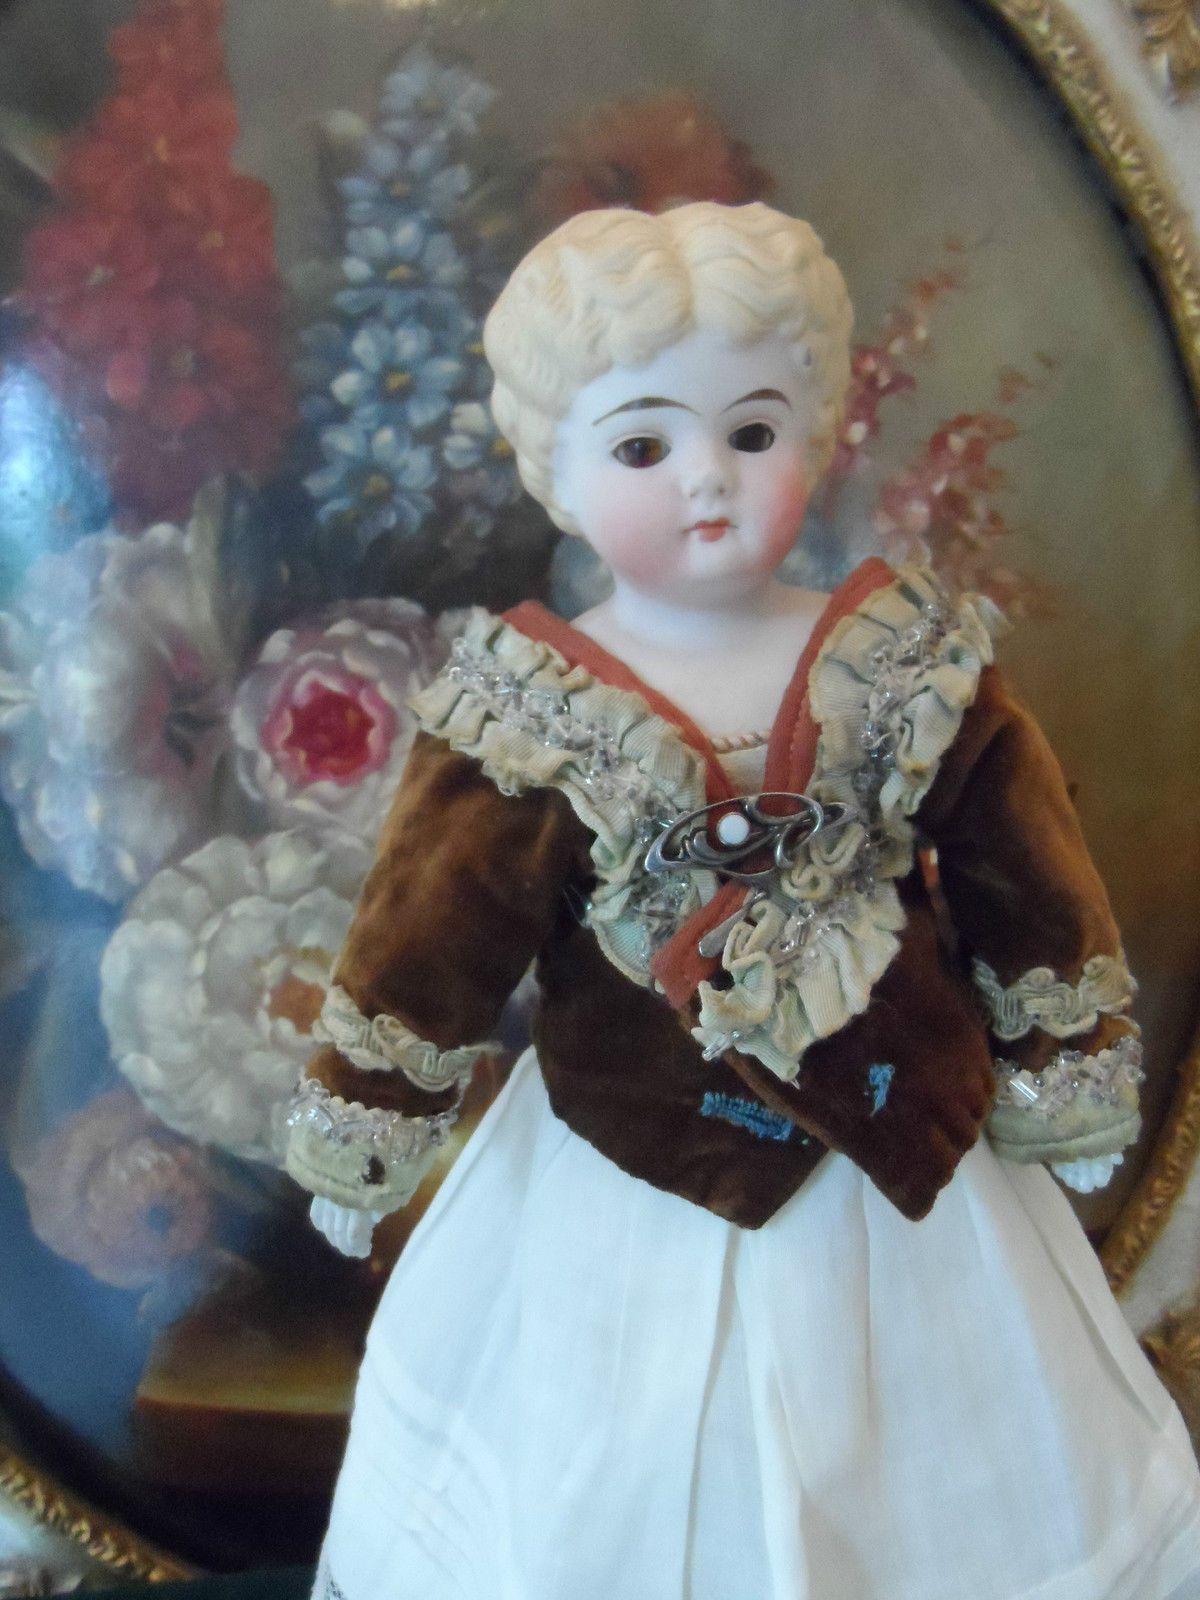 Antike Porzellan Kopfpuppe mit geschloßenem Mund selten !! | eBay